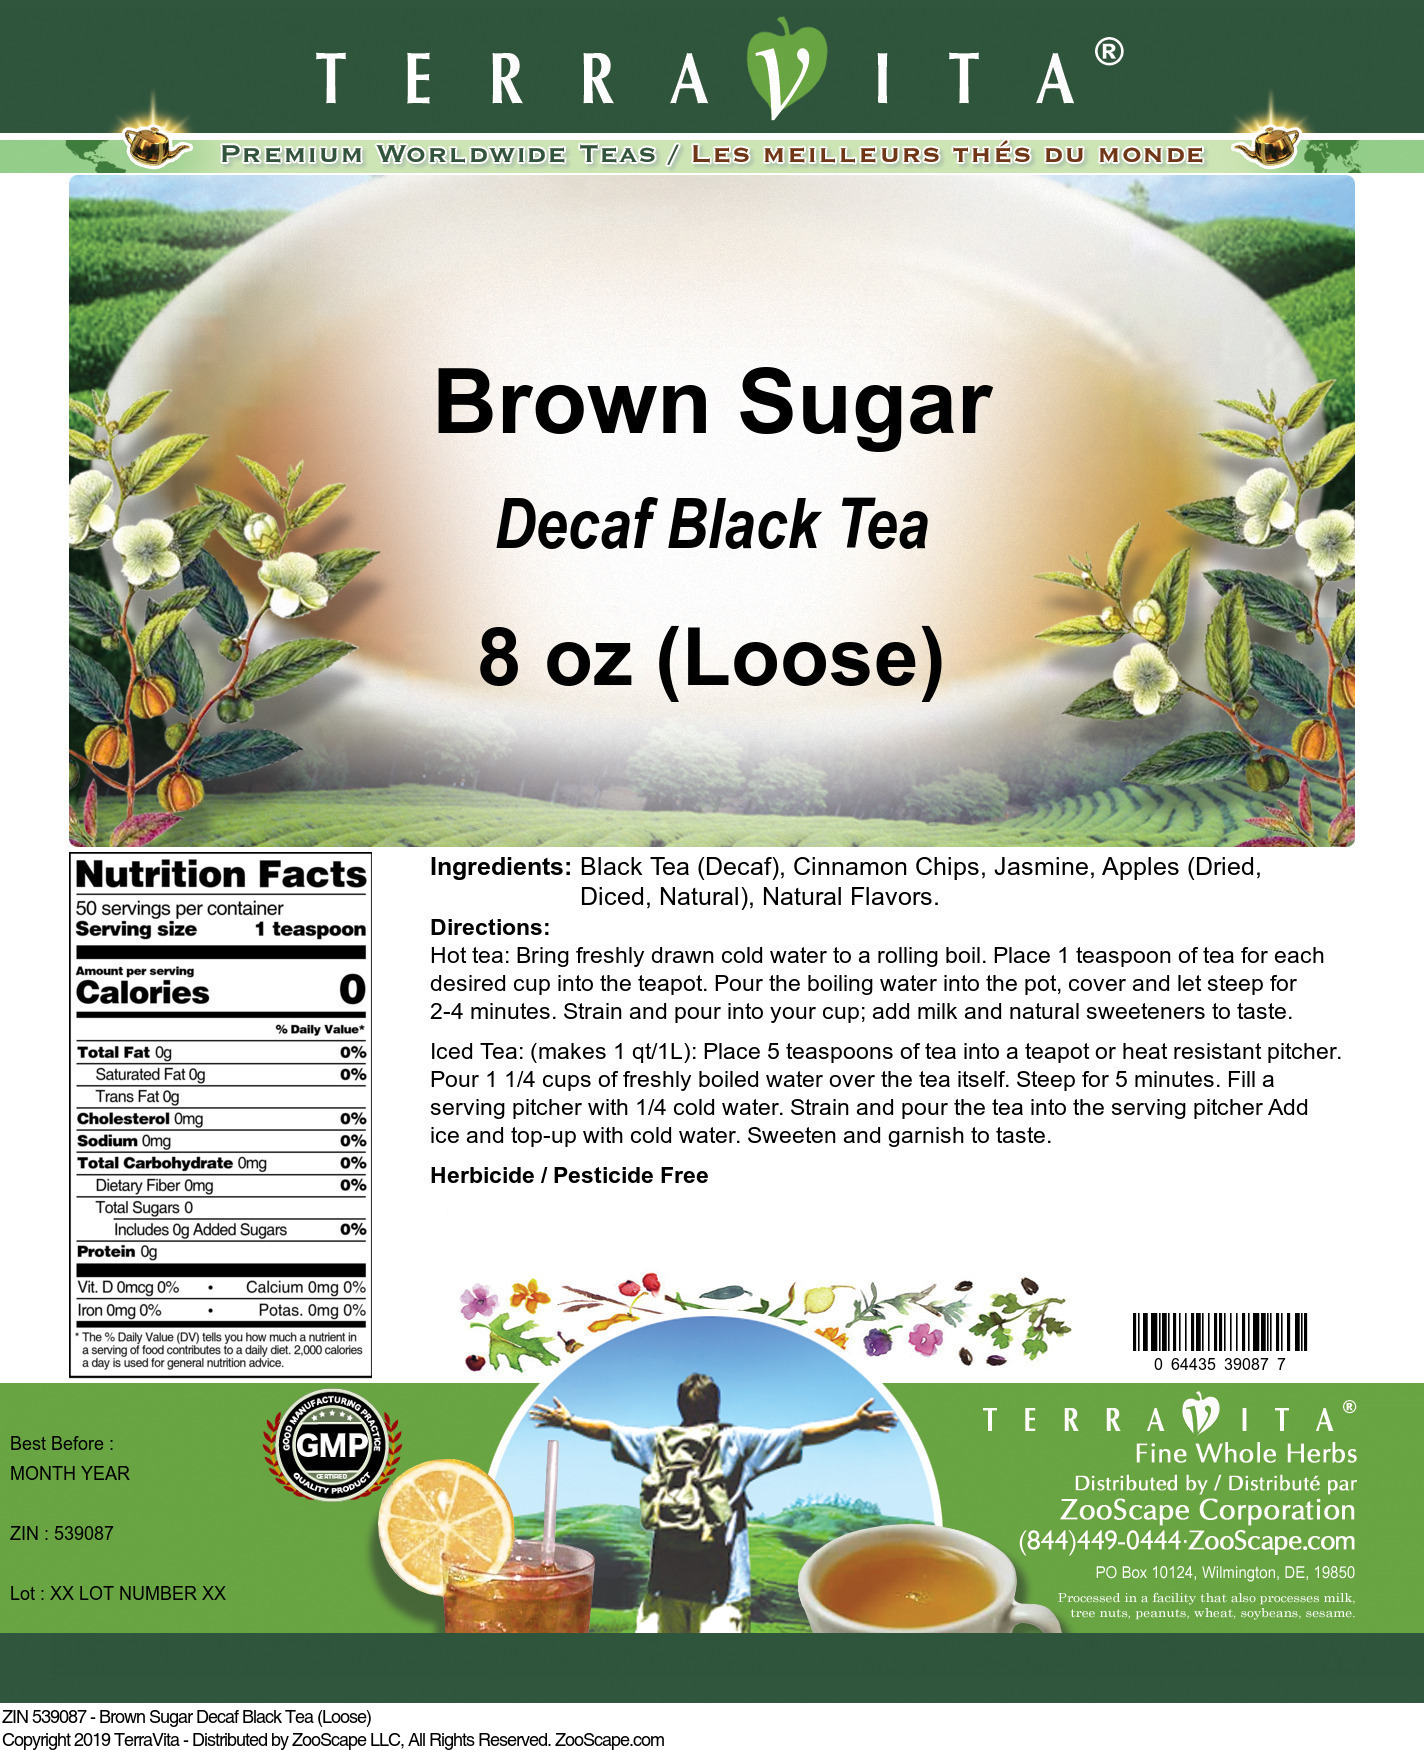 Brown Sugar Decaf Black Tea (Loose)